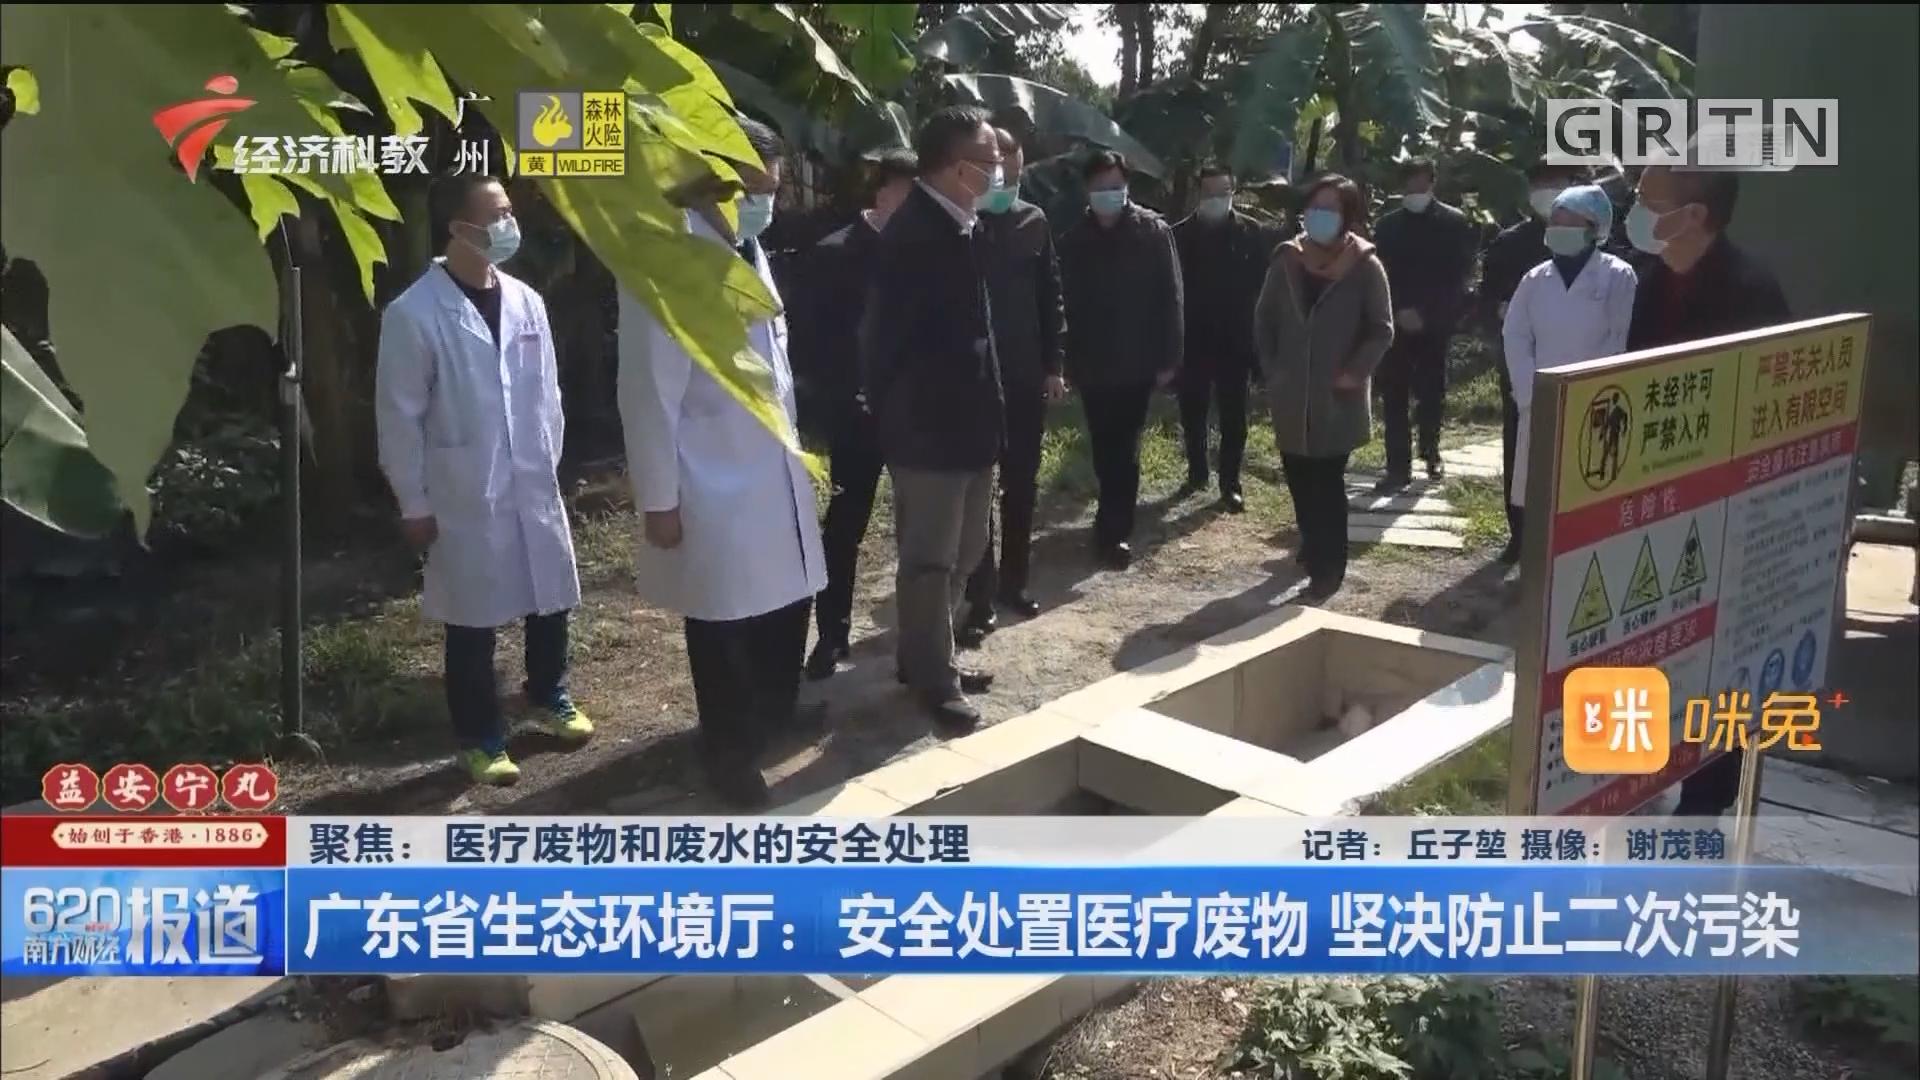 广东省生态环境厅:安全处置医疗废物 坚决防止二次污染